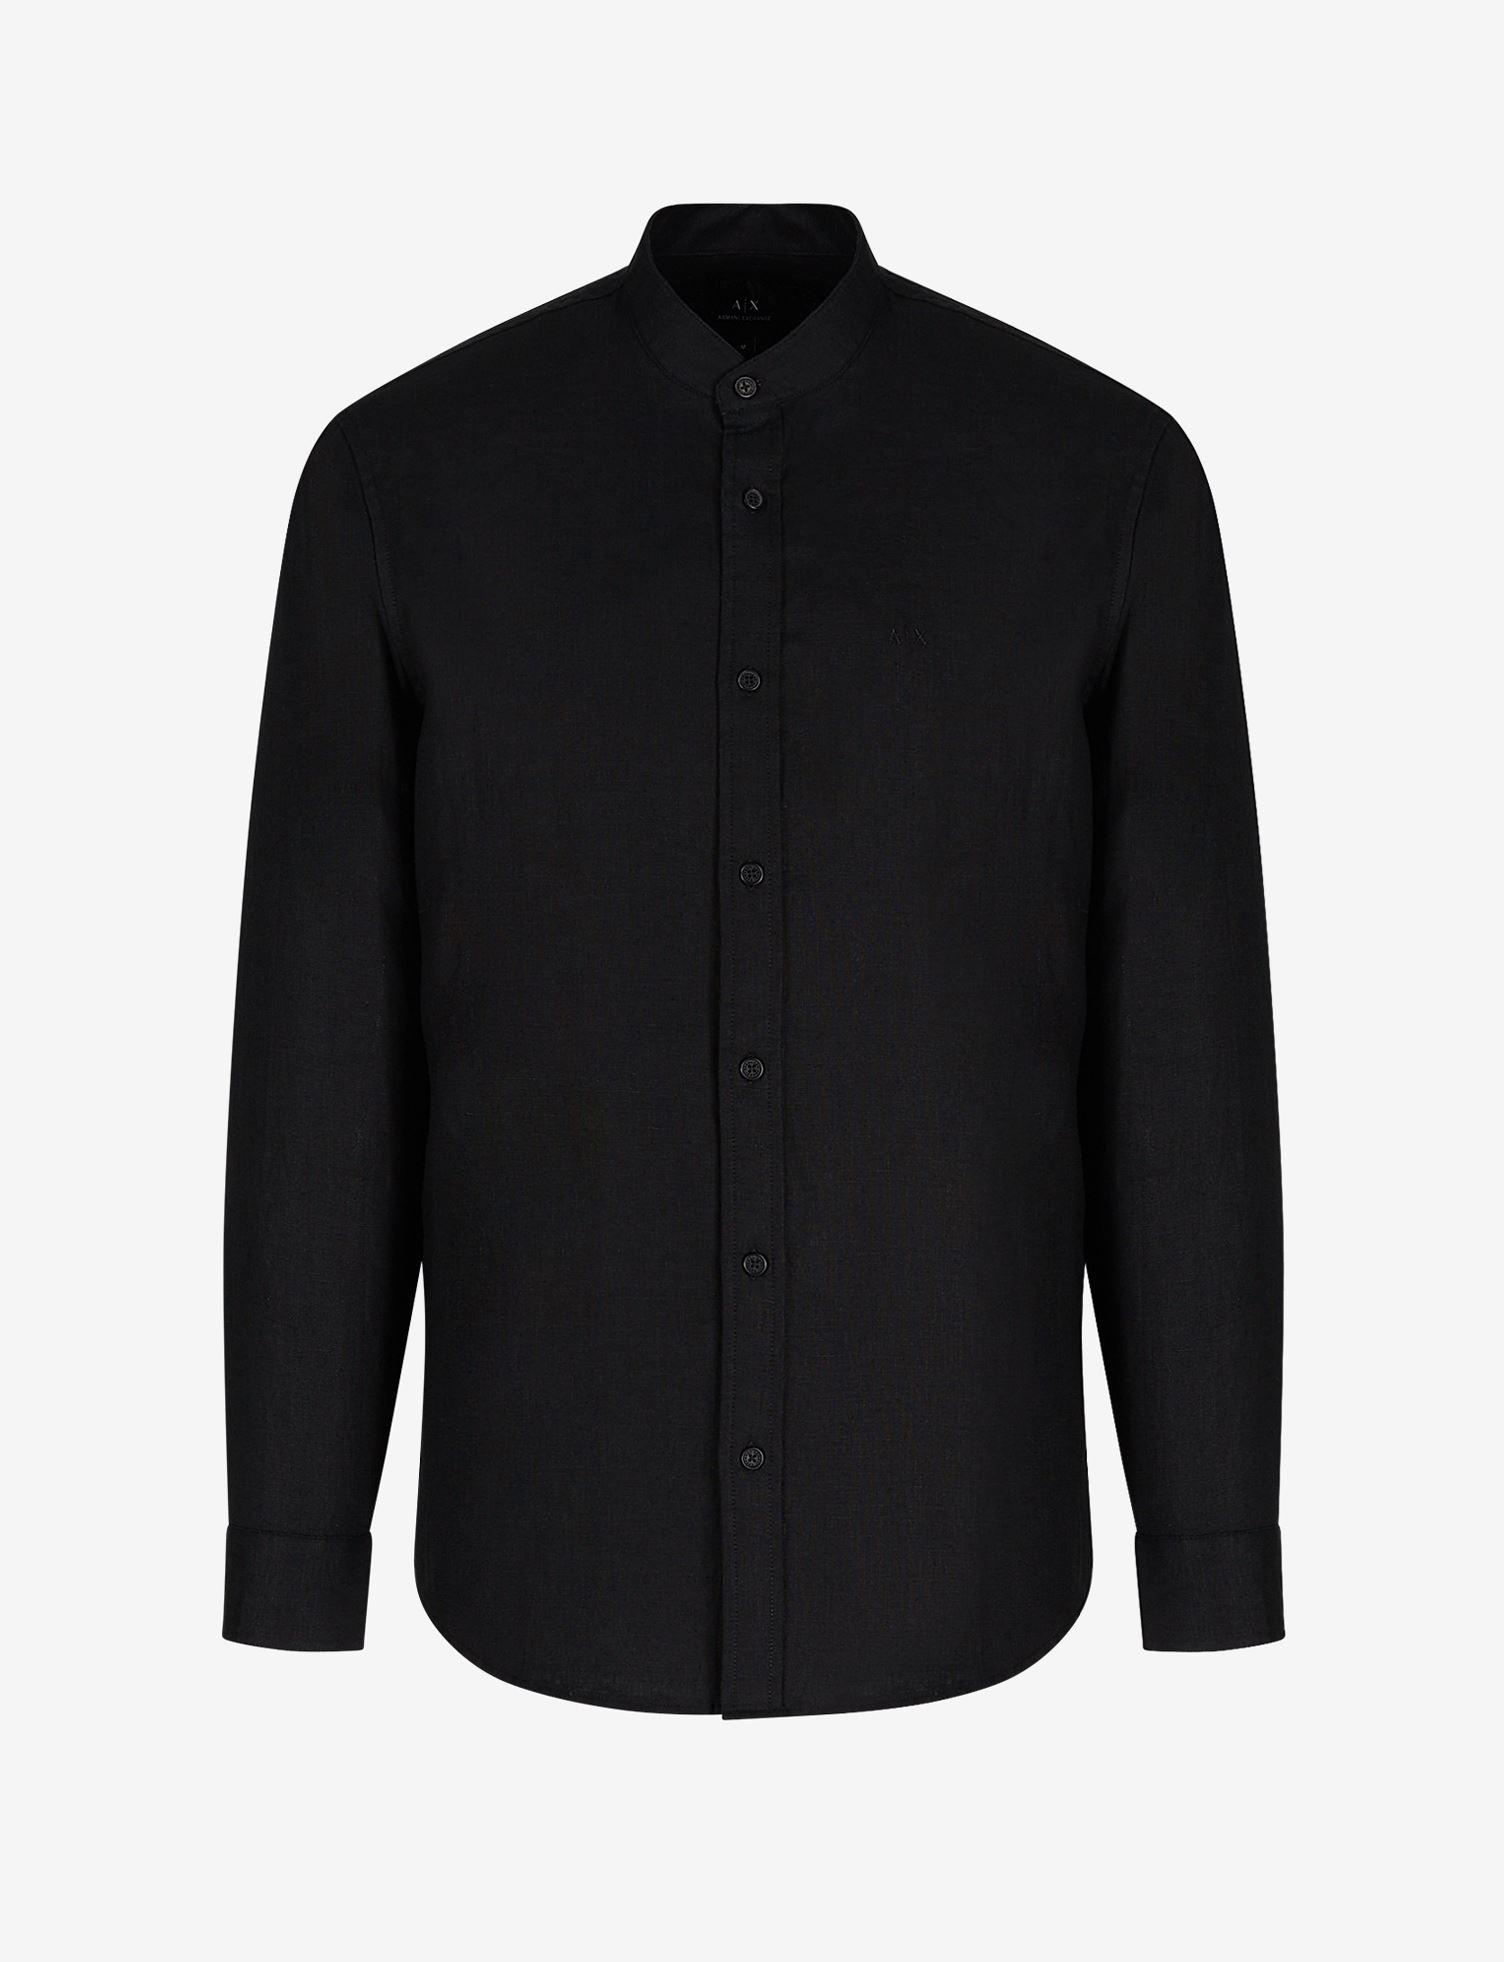 Camicia a maniche lunghe Armani Exchange ARMANI EXCHANGE | Camicia | 3KZC69-ZNCFZ1200